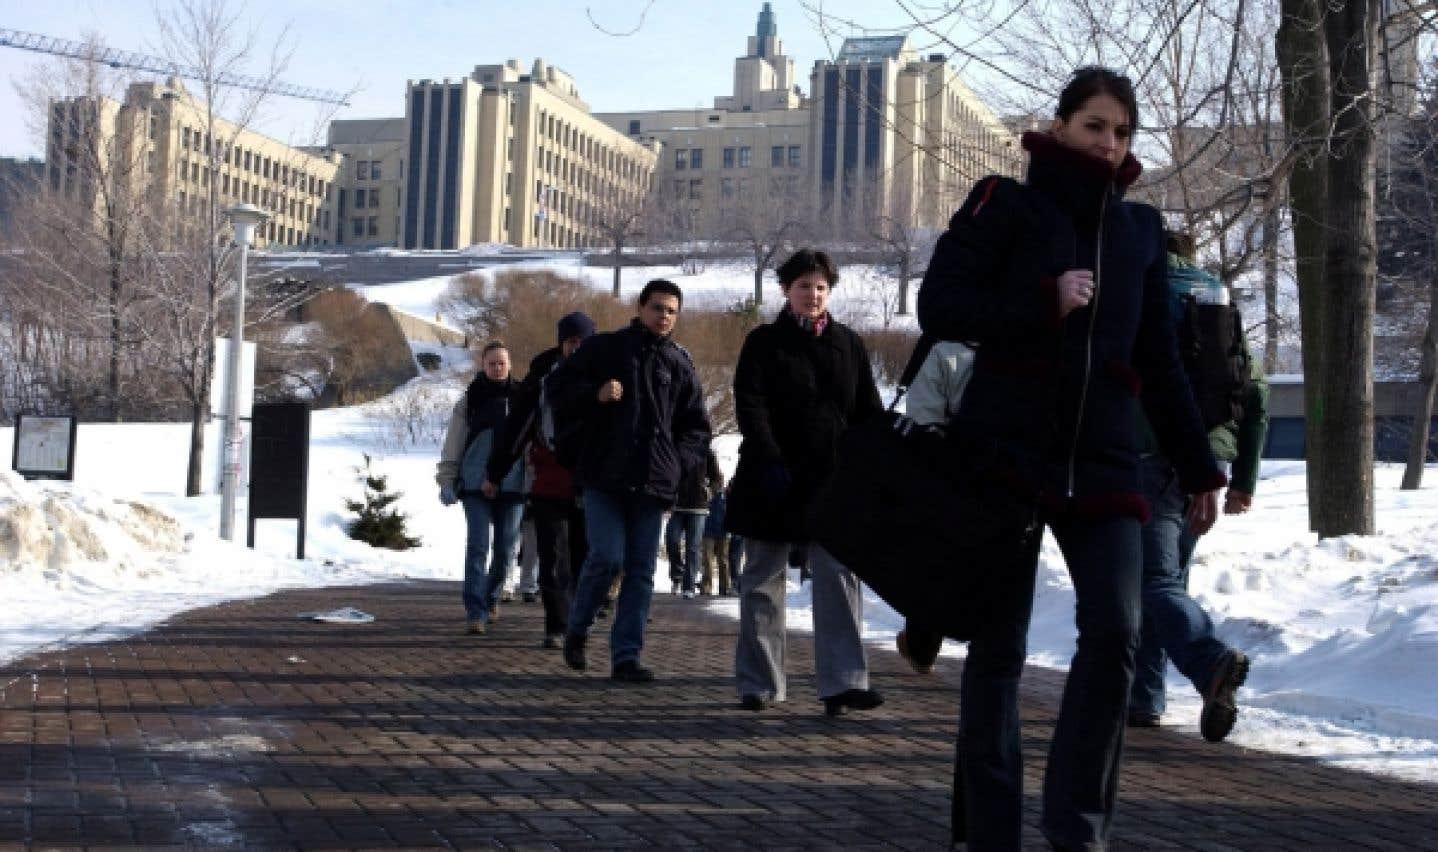 Au Québec, on compte 75 000 étudiants adultes dans les universités, dont 12 000 fréquentent l'Université de Montréal.